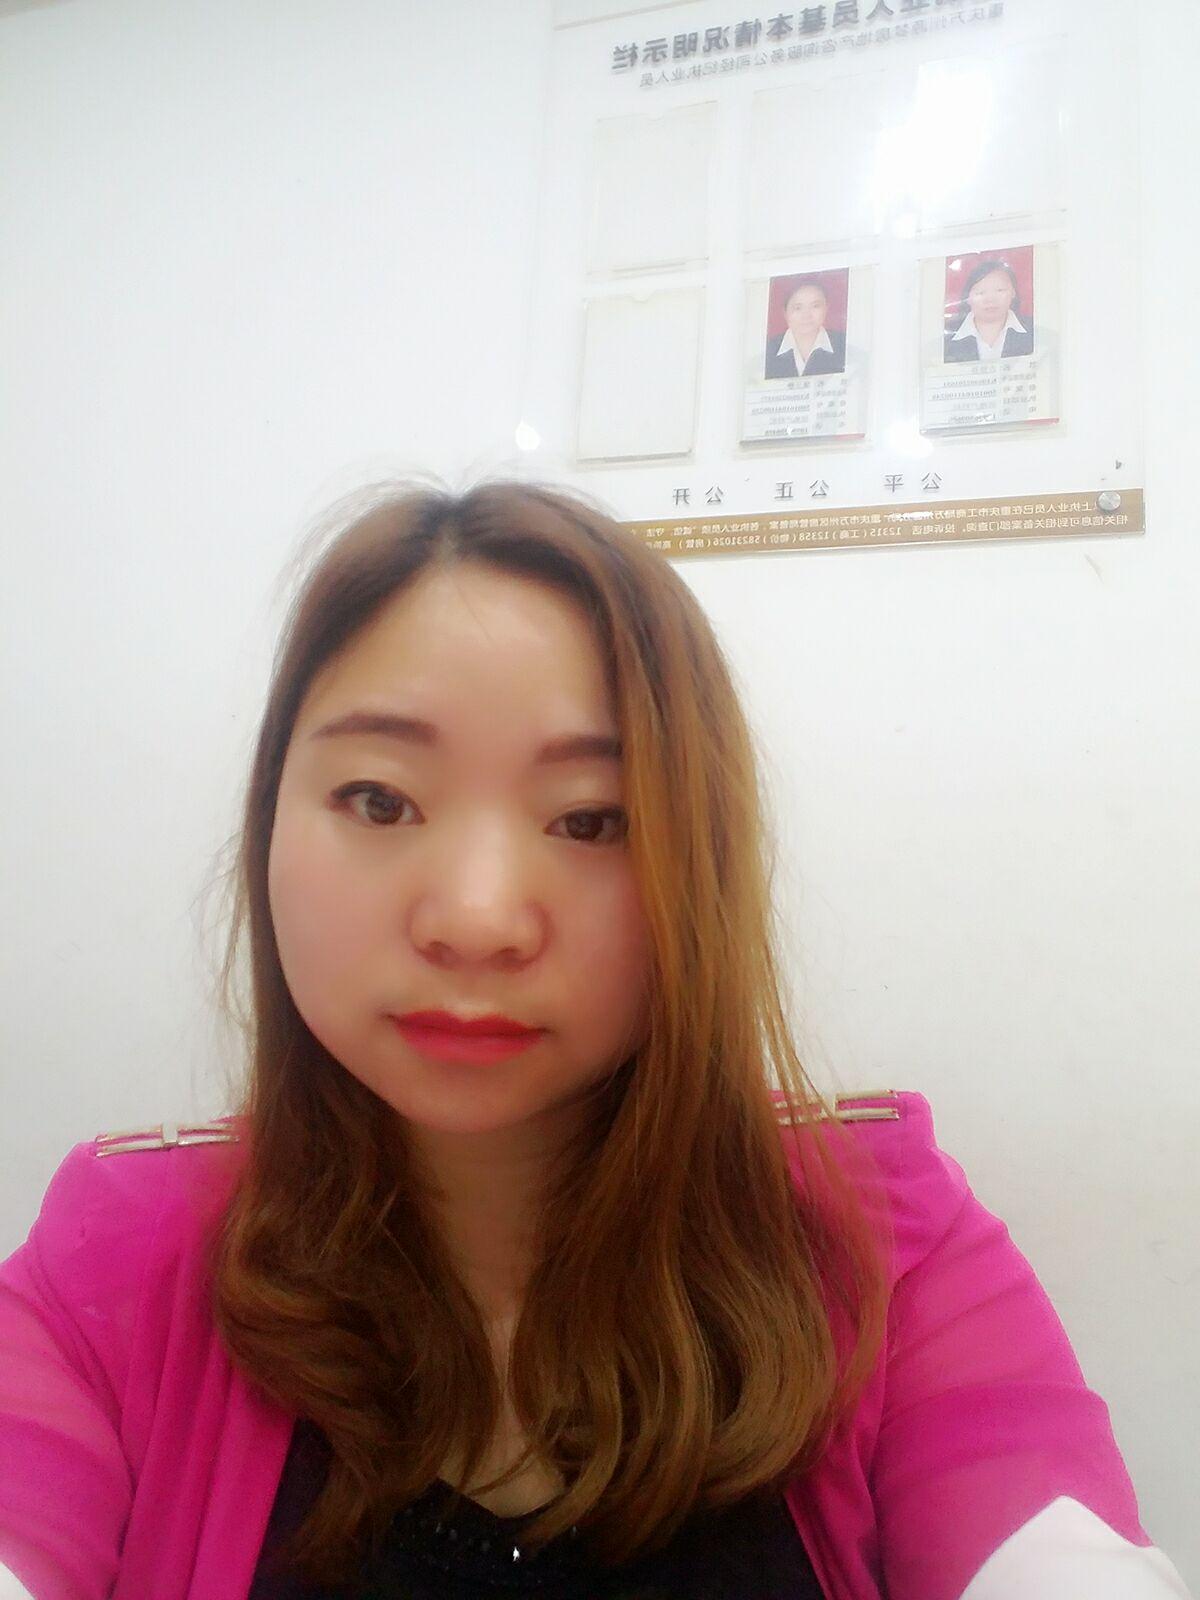 吴晓红店铺